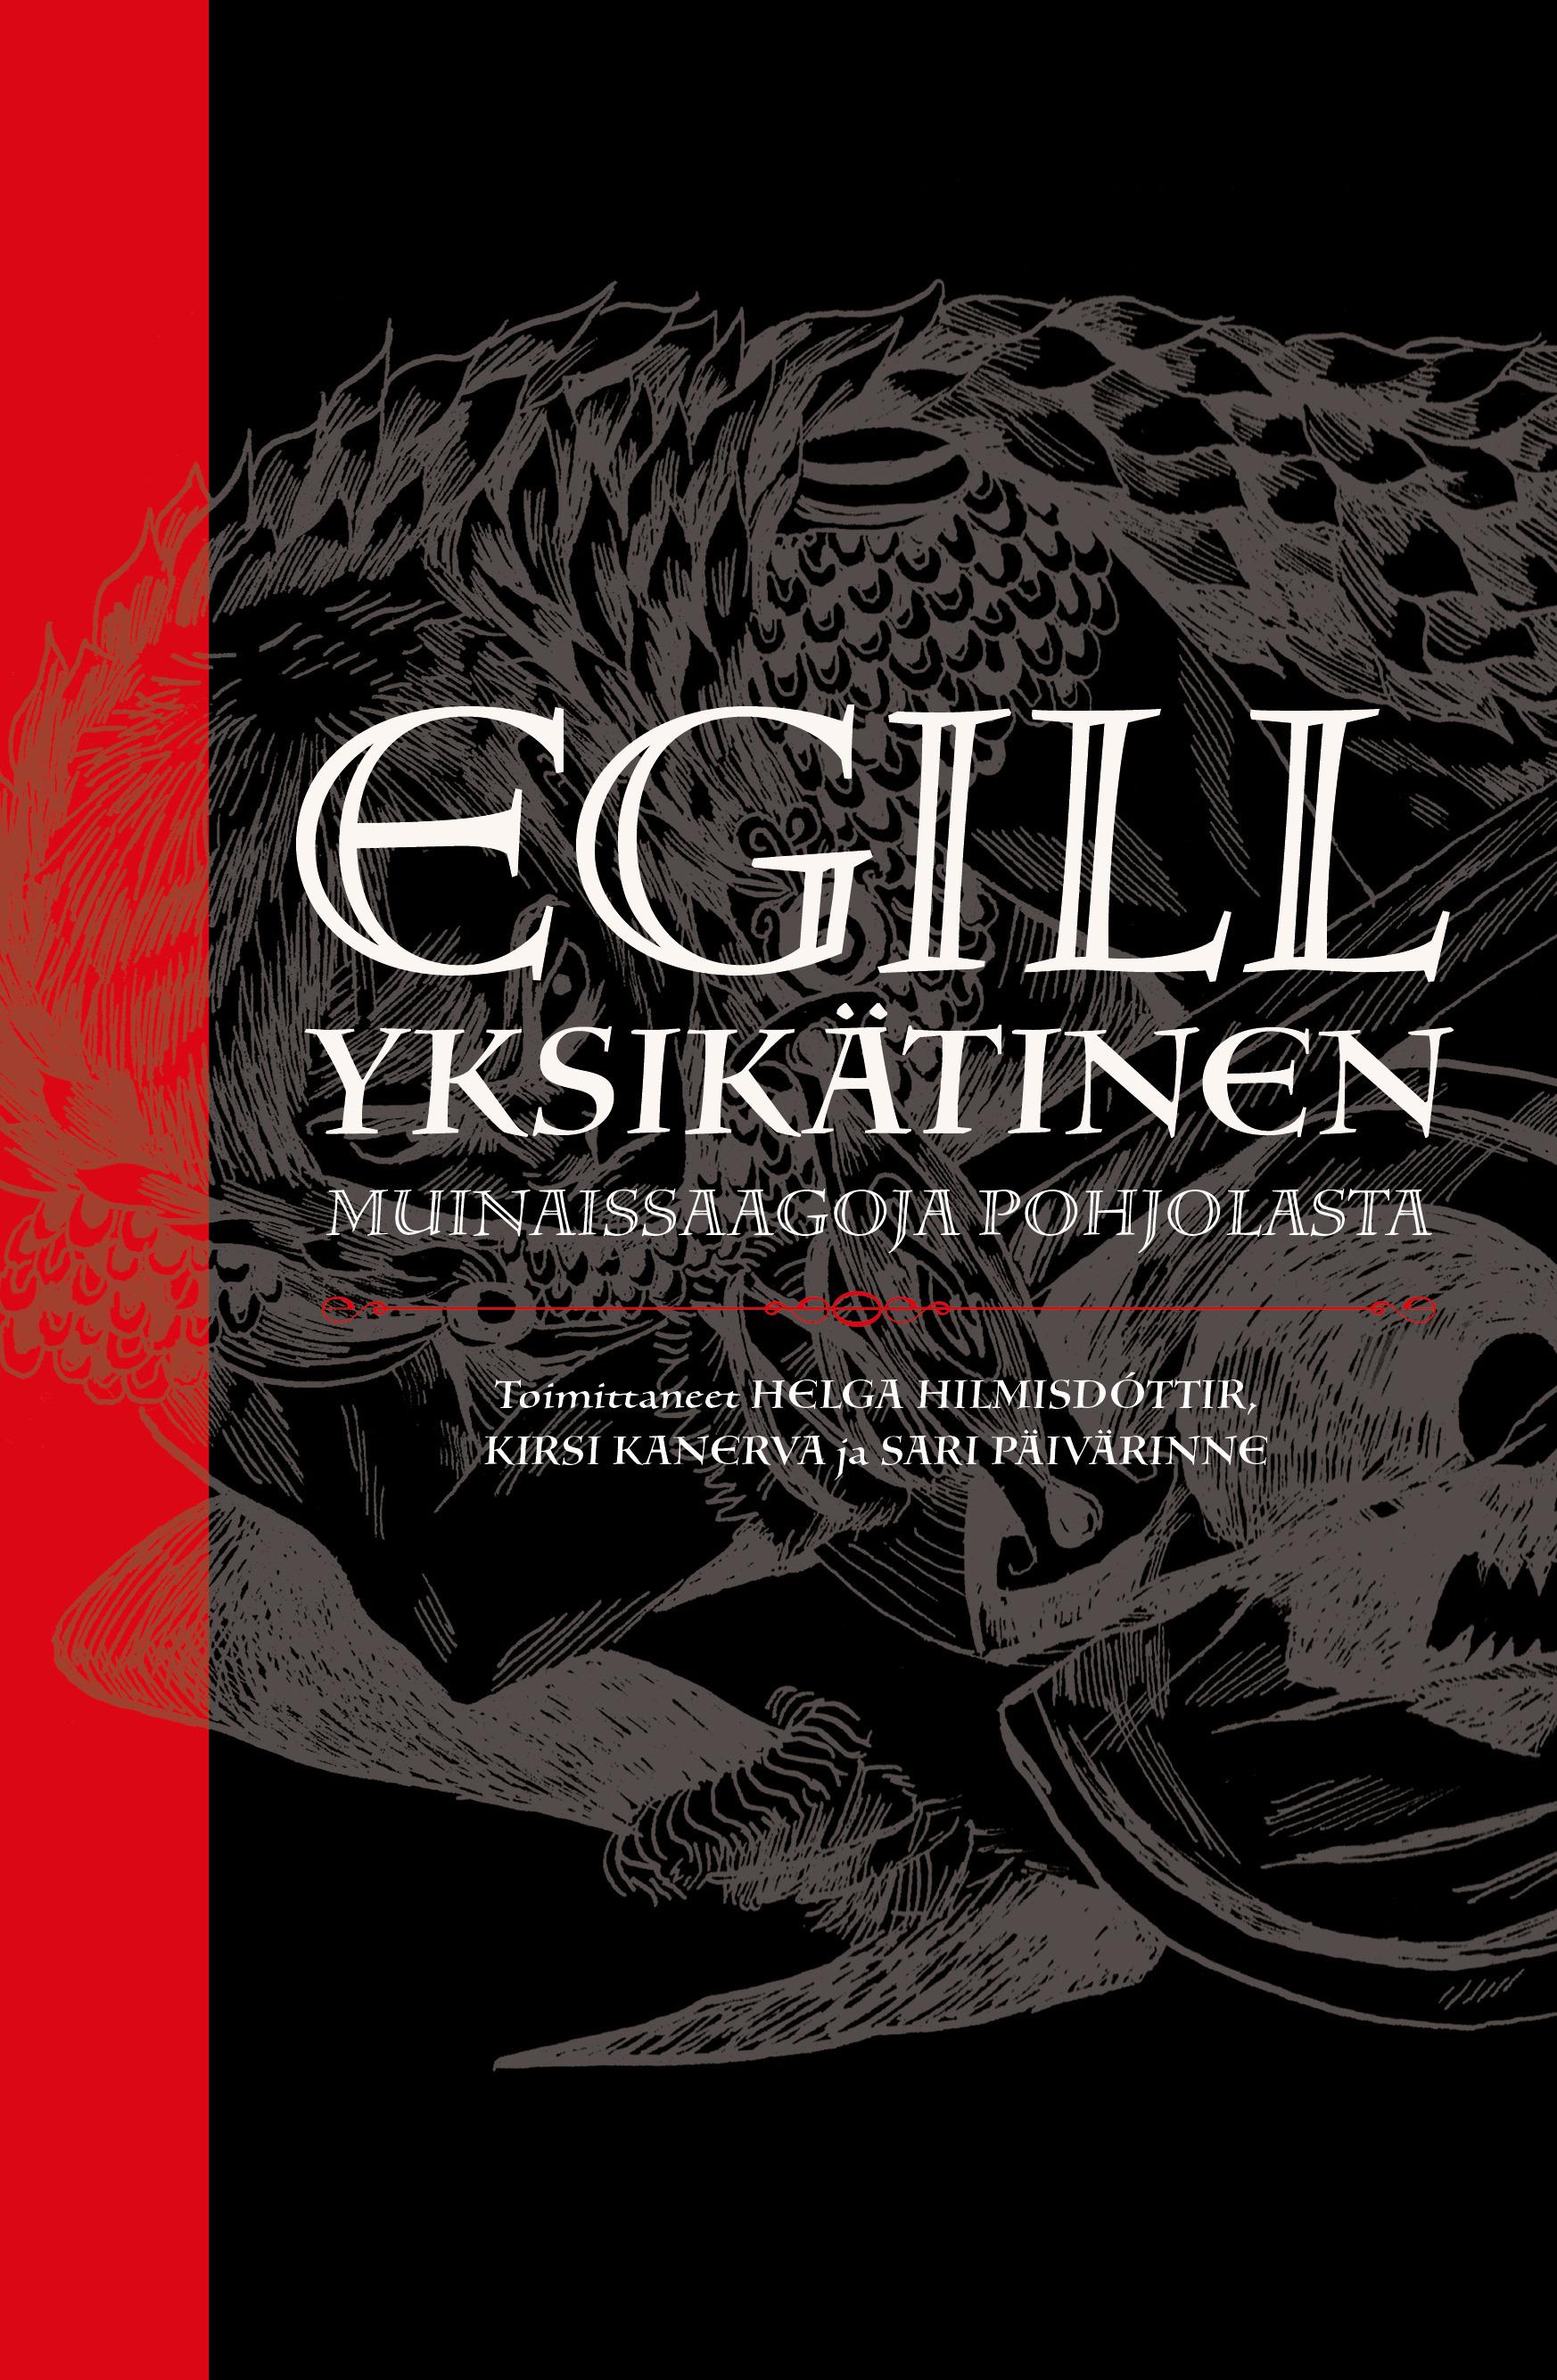 Anonyme Egill Yksikätinen